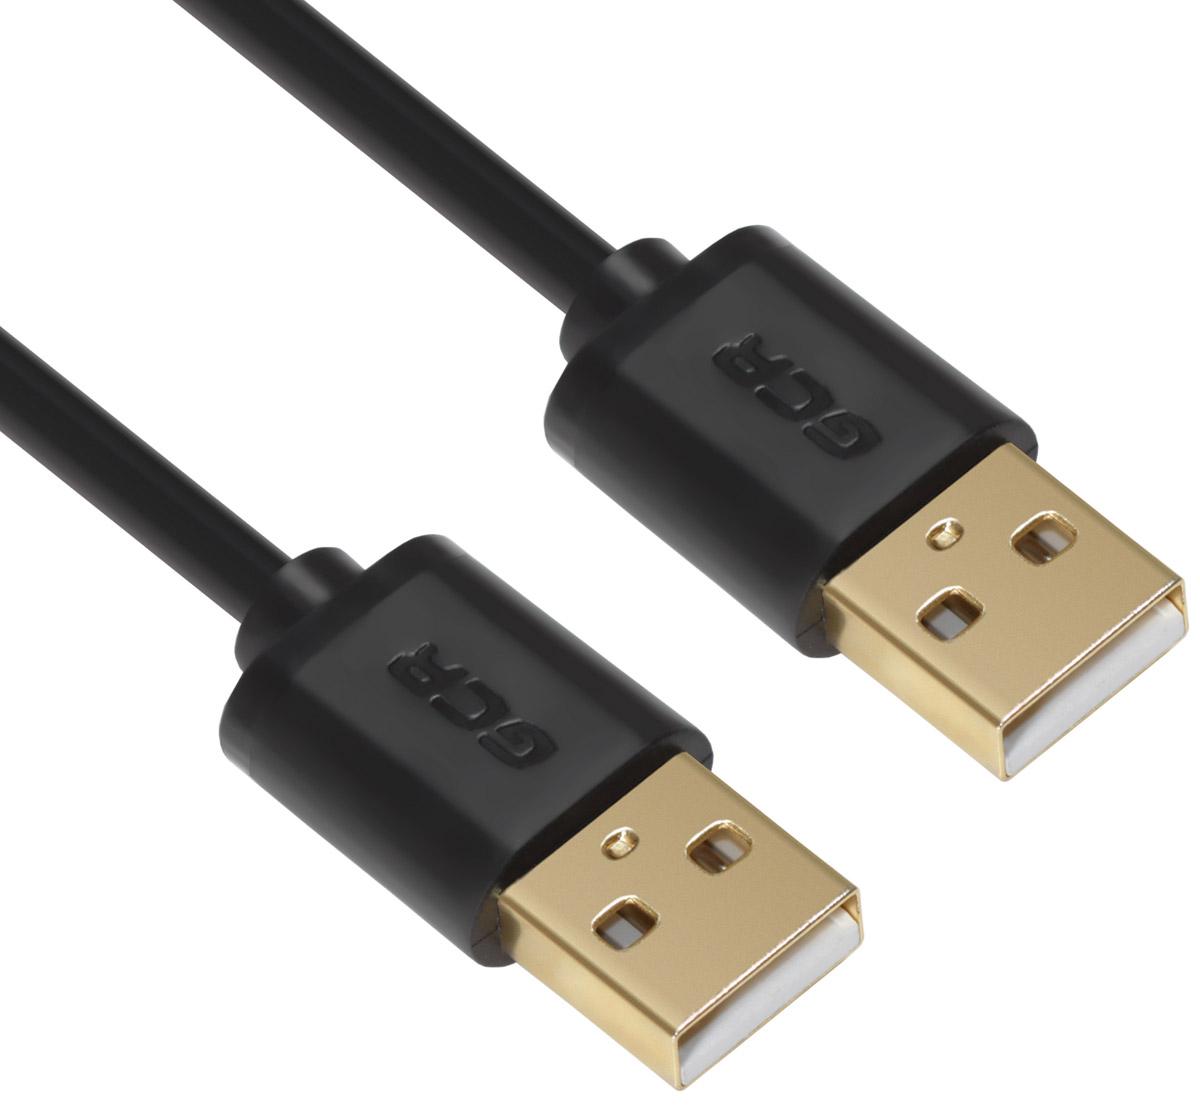 Greenconnect Russia GCR-UM5M-BB2SG, Black кабель USB (2 м)GCR-UM5M-BB2SG-2.0mКабель Greenconnect Russia GCR-UM5M-BB2SG позволит увеличить расстояние до подключаемого устройства. Может быть использован с различными USB девайсами. Экранирование кабеля позволит защитить сигнал при передаче от влияния внешних полей, способных создать помехи.